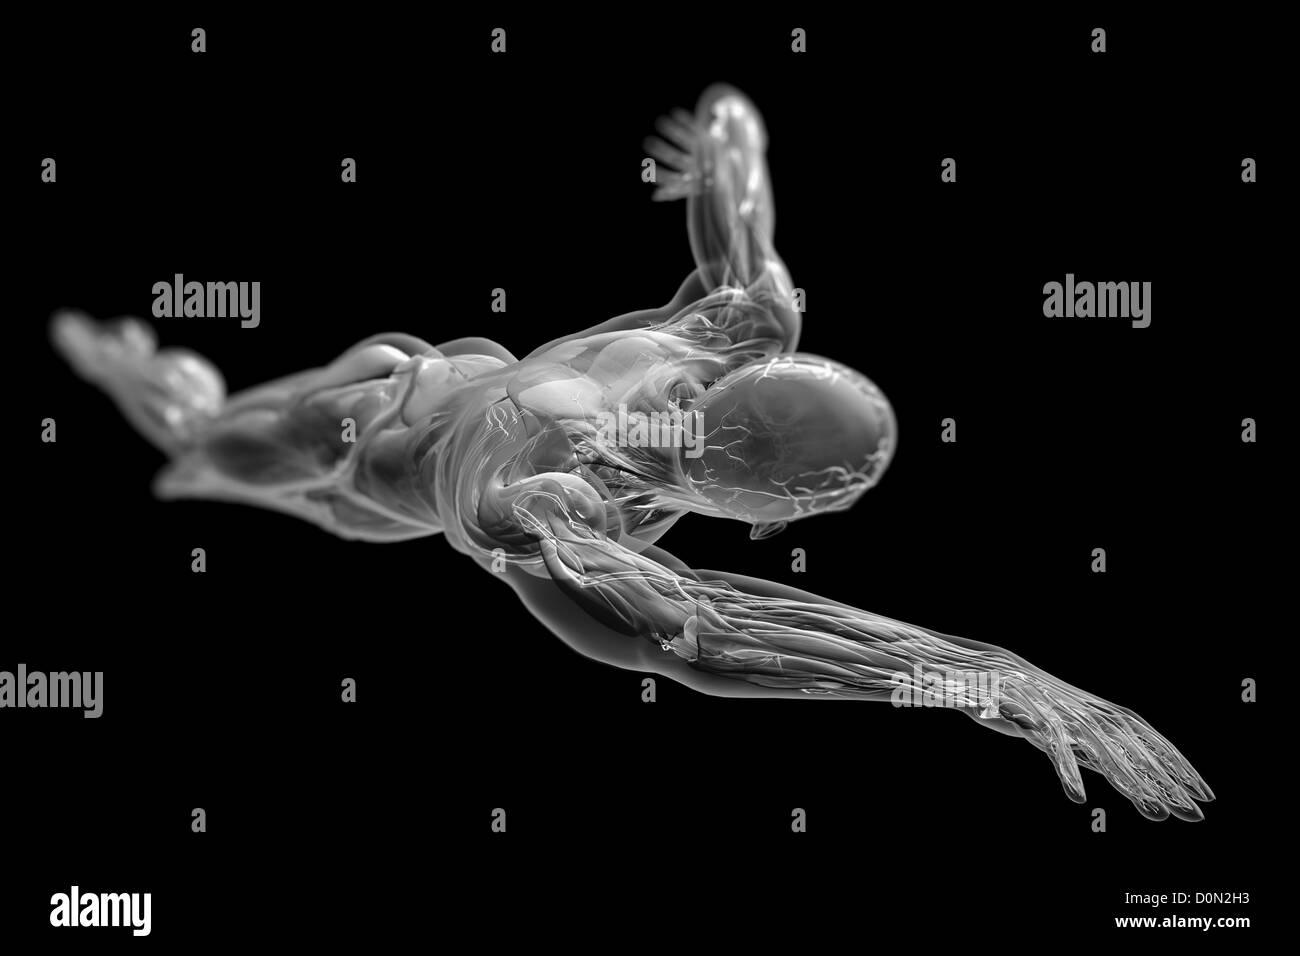 Una figura masculina nadando en mitad de la carrera con la piel ...